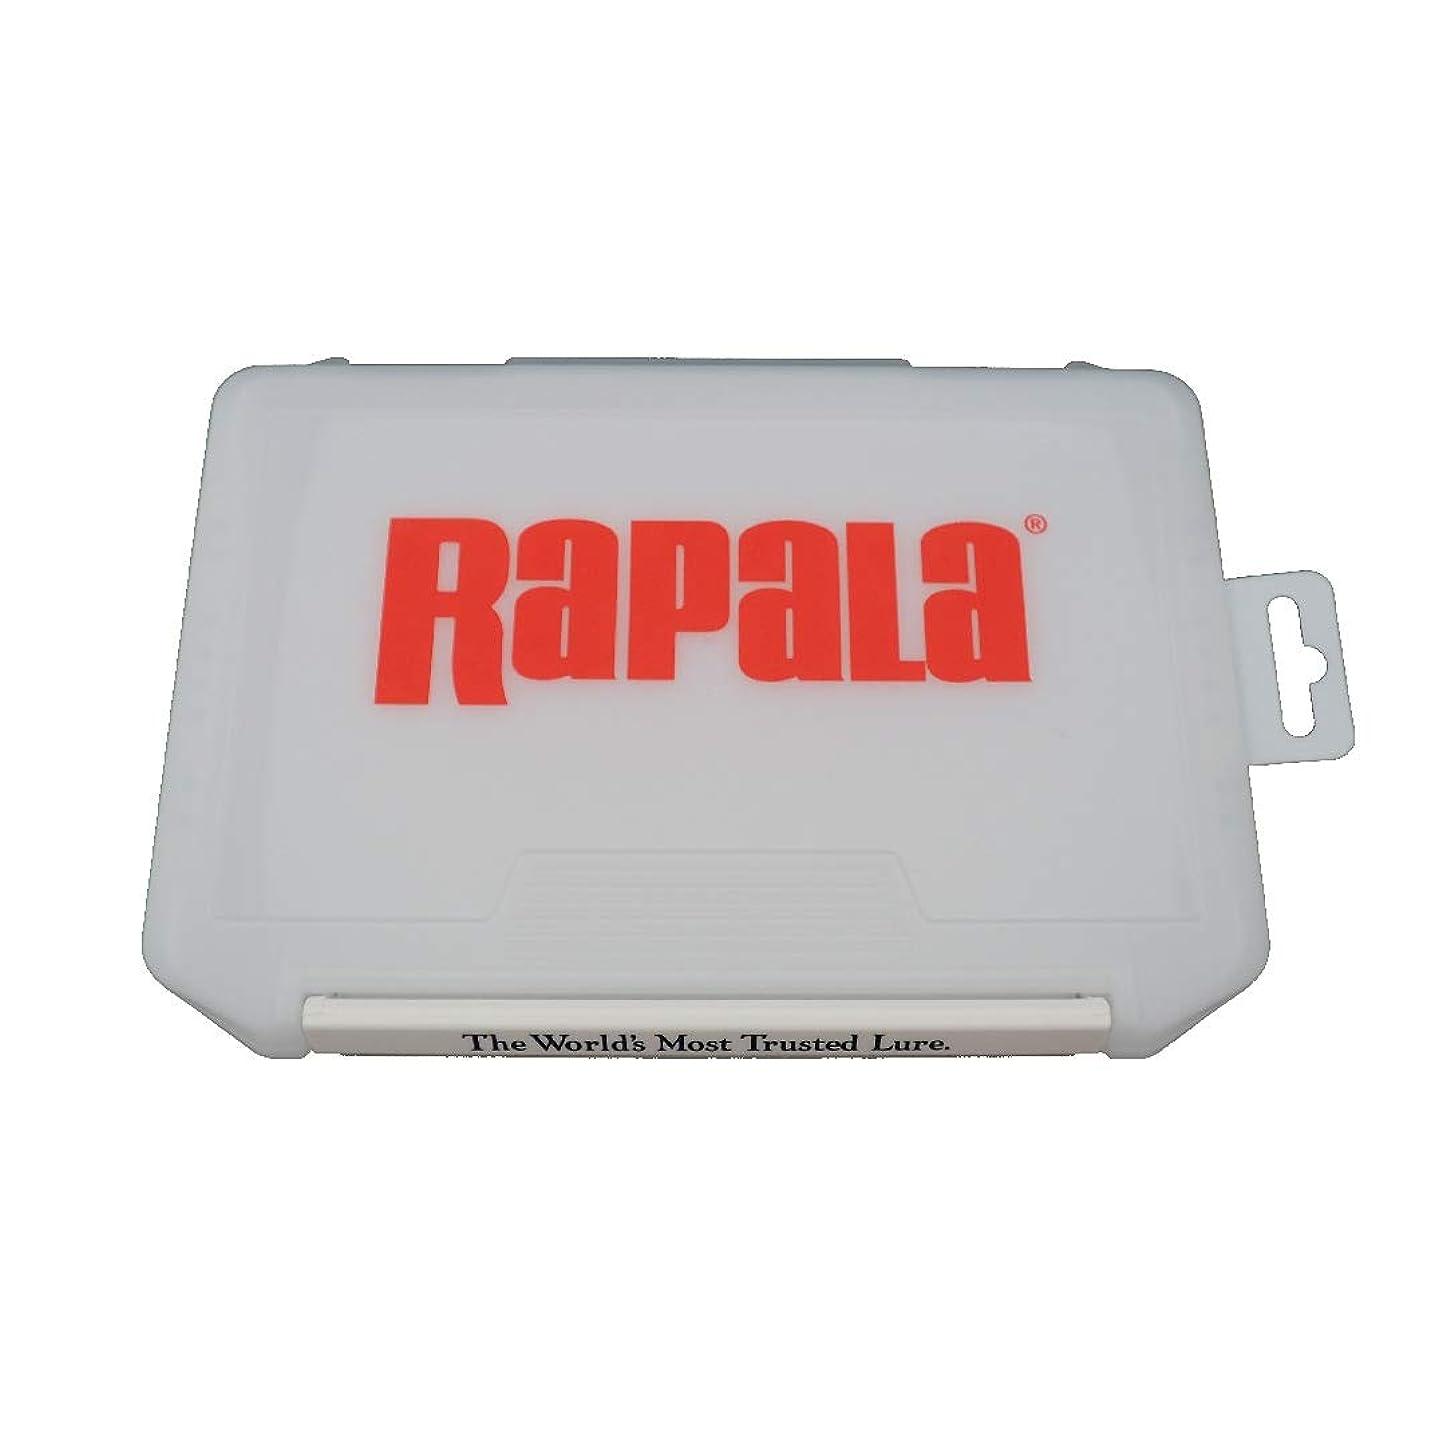 粘り強い蒸ステージラパラ ルアーケース VW-2010NDM RaPaLa LURE CASE